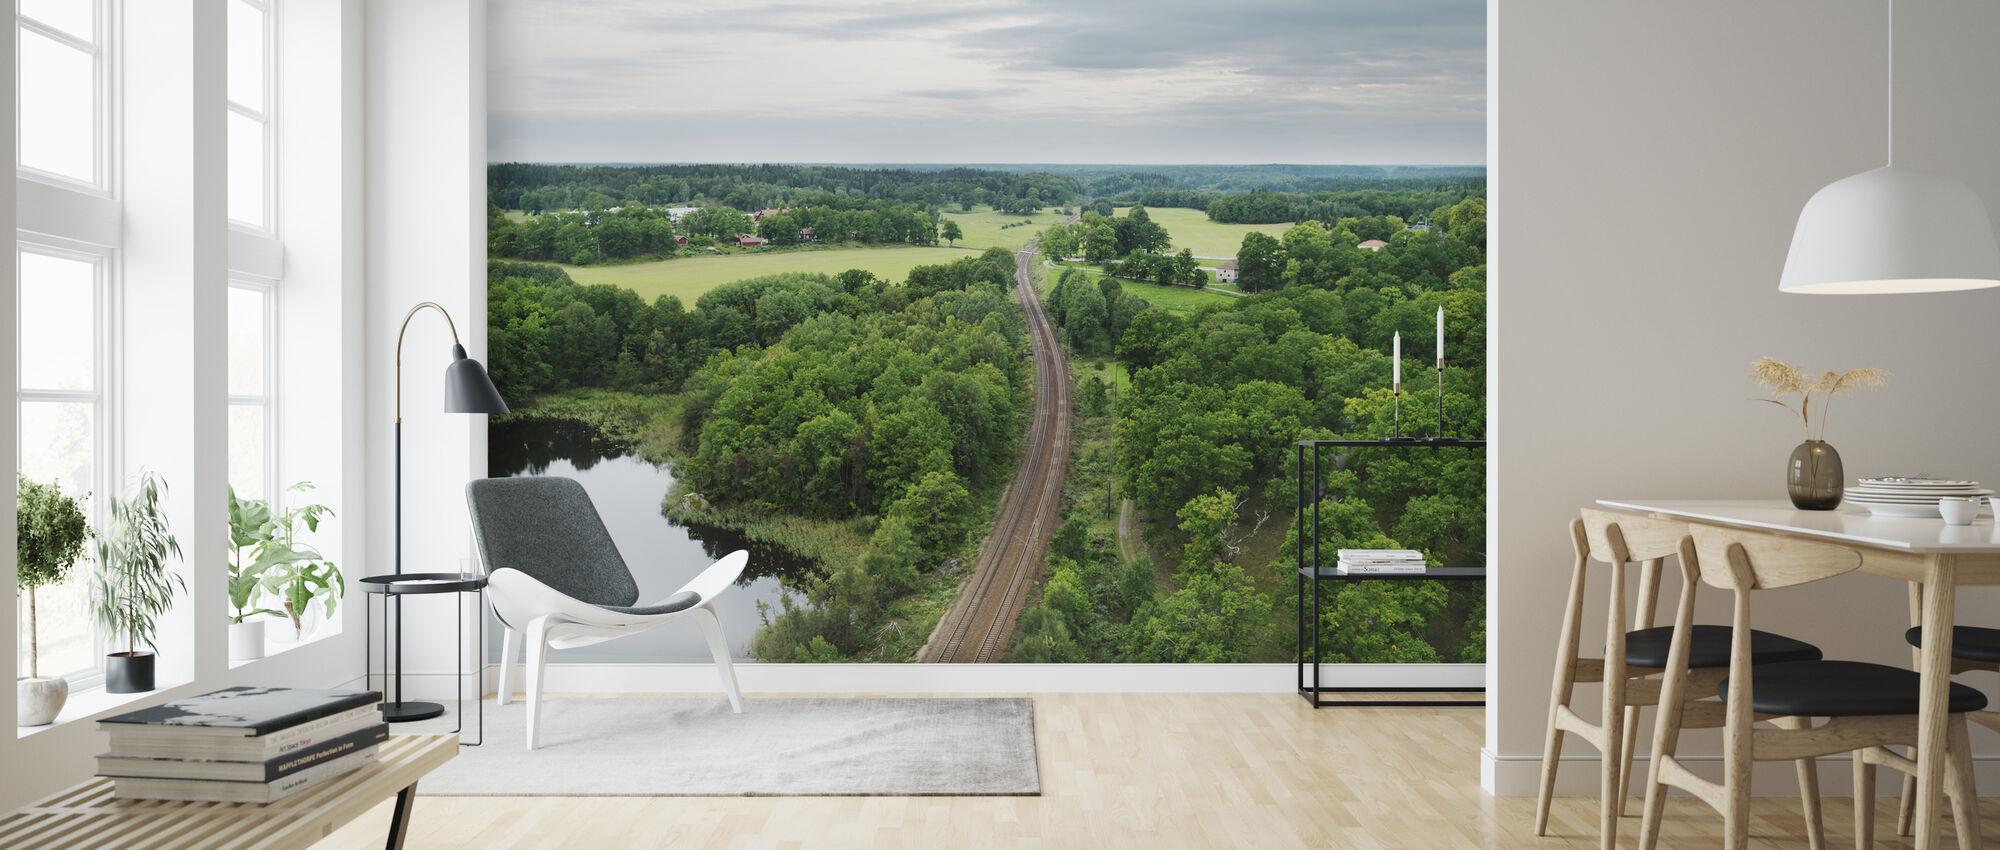 Rautatie Södermanlandin kautta, Ruotsi - Tapetti - Olohuone